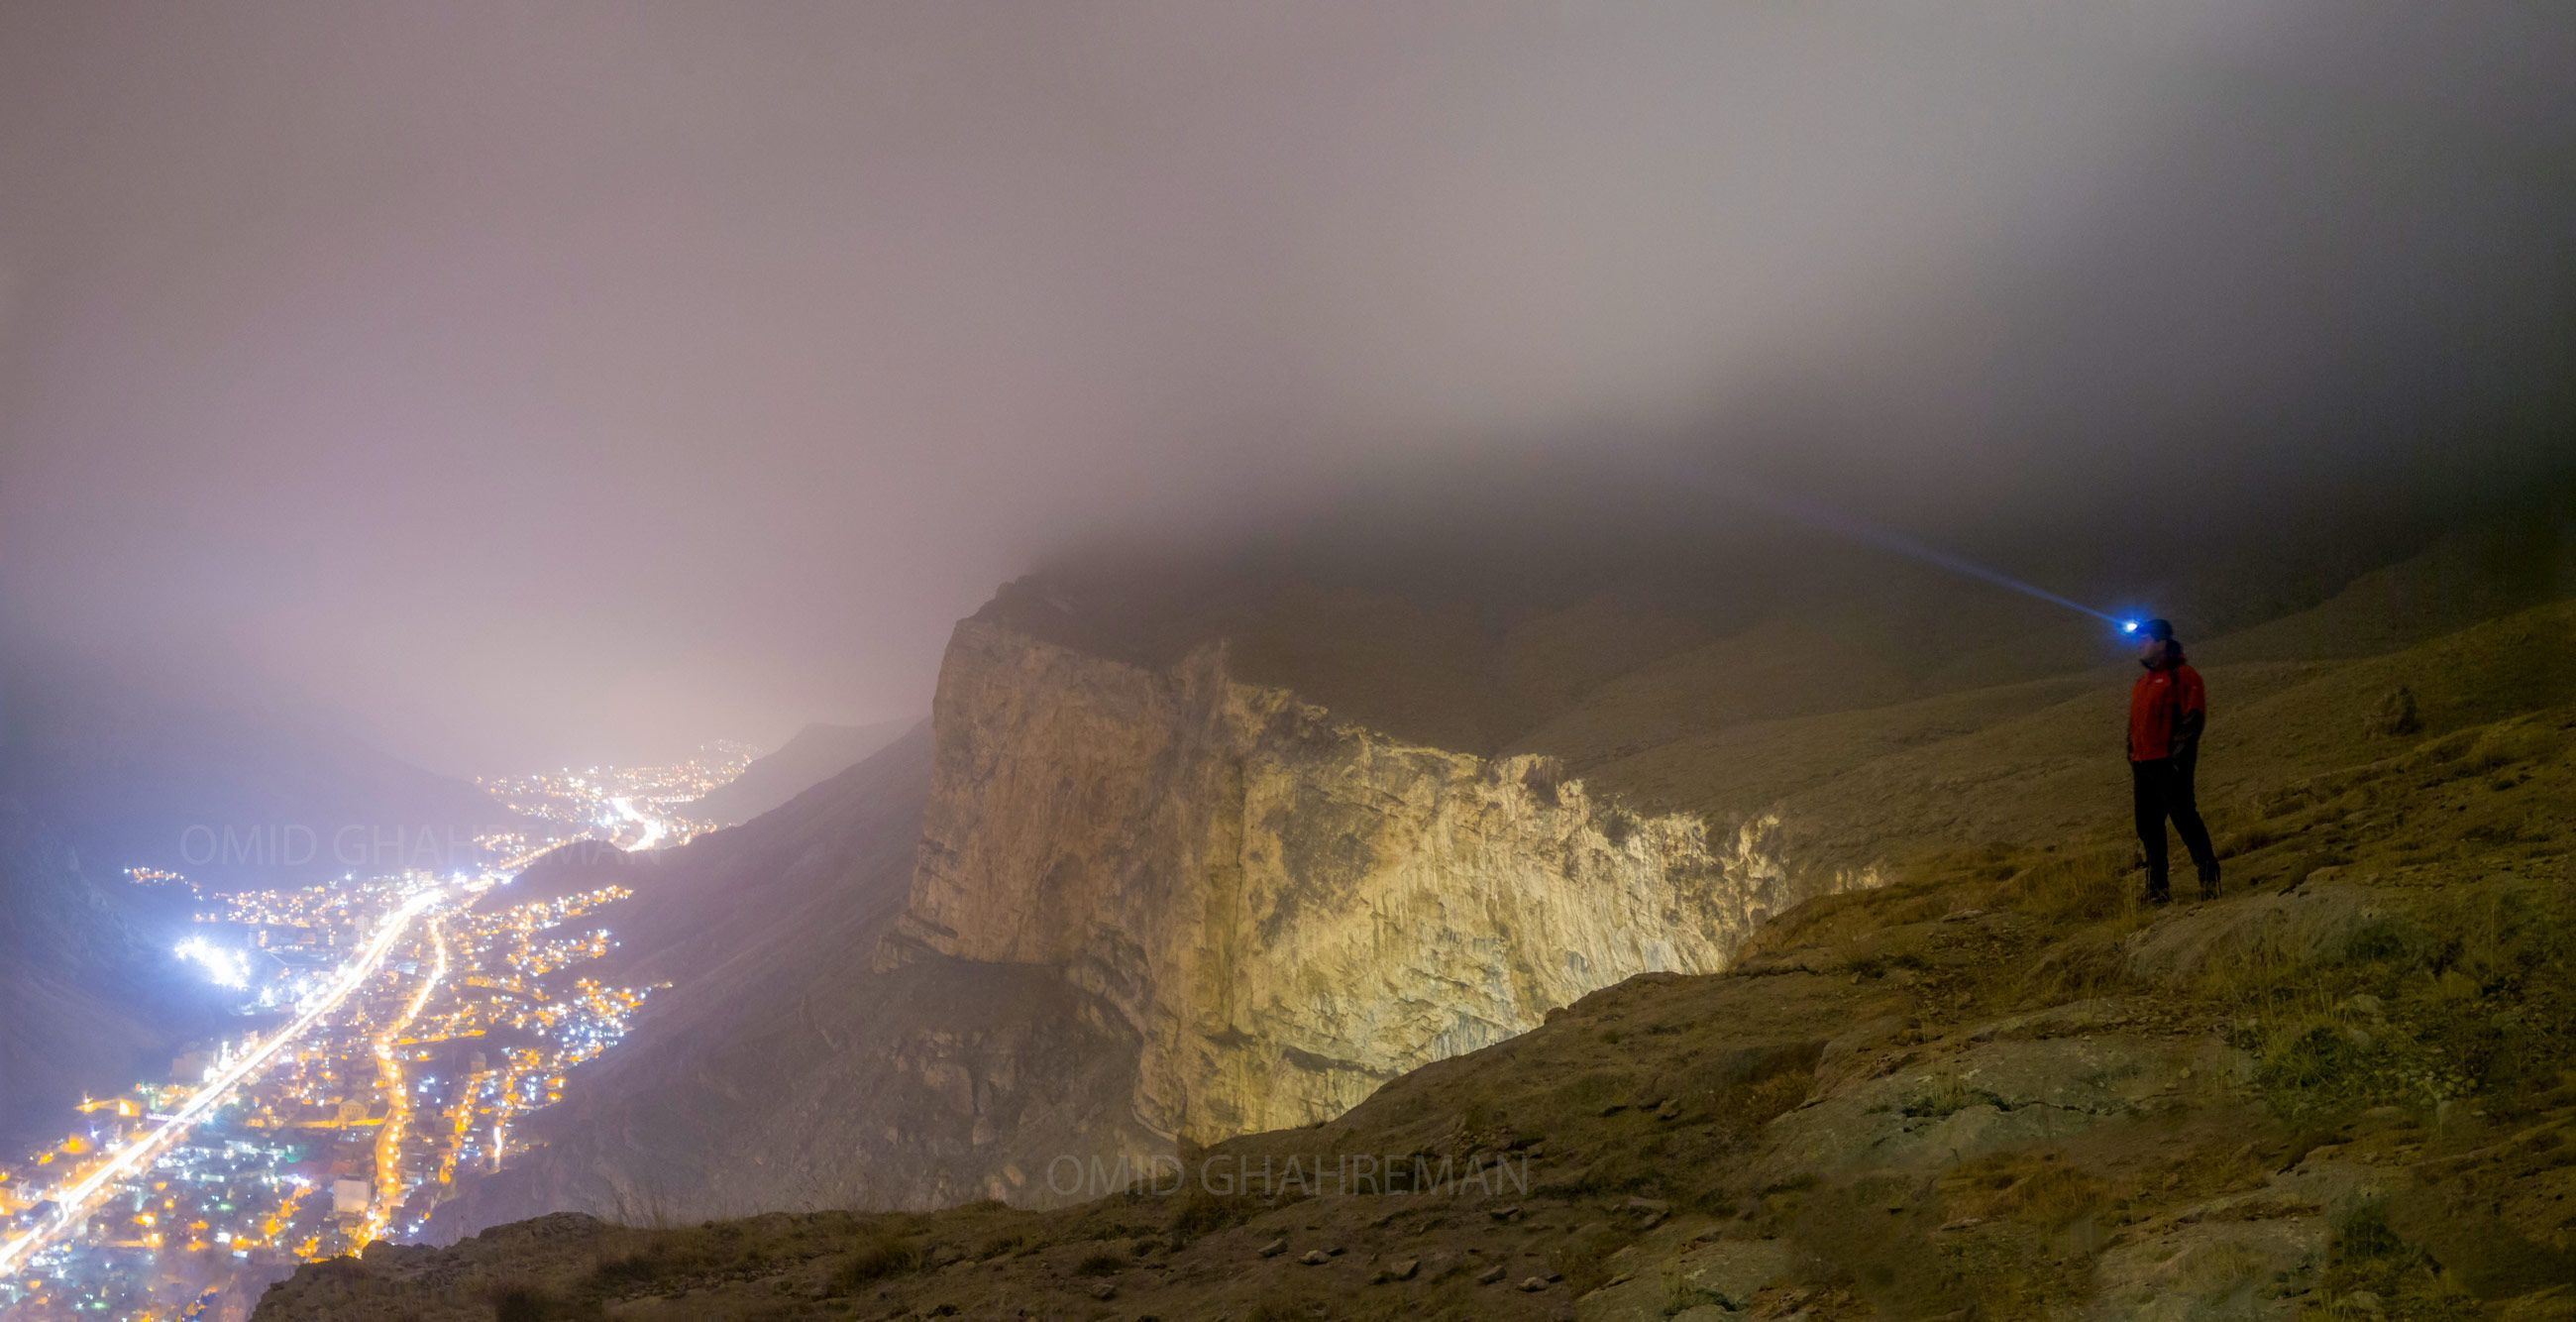 شب های مه آلود شهر ماکو بر فراز کلاهک سنگی قیه توسط امیدرضا قهرمانزاده